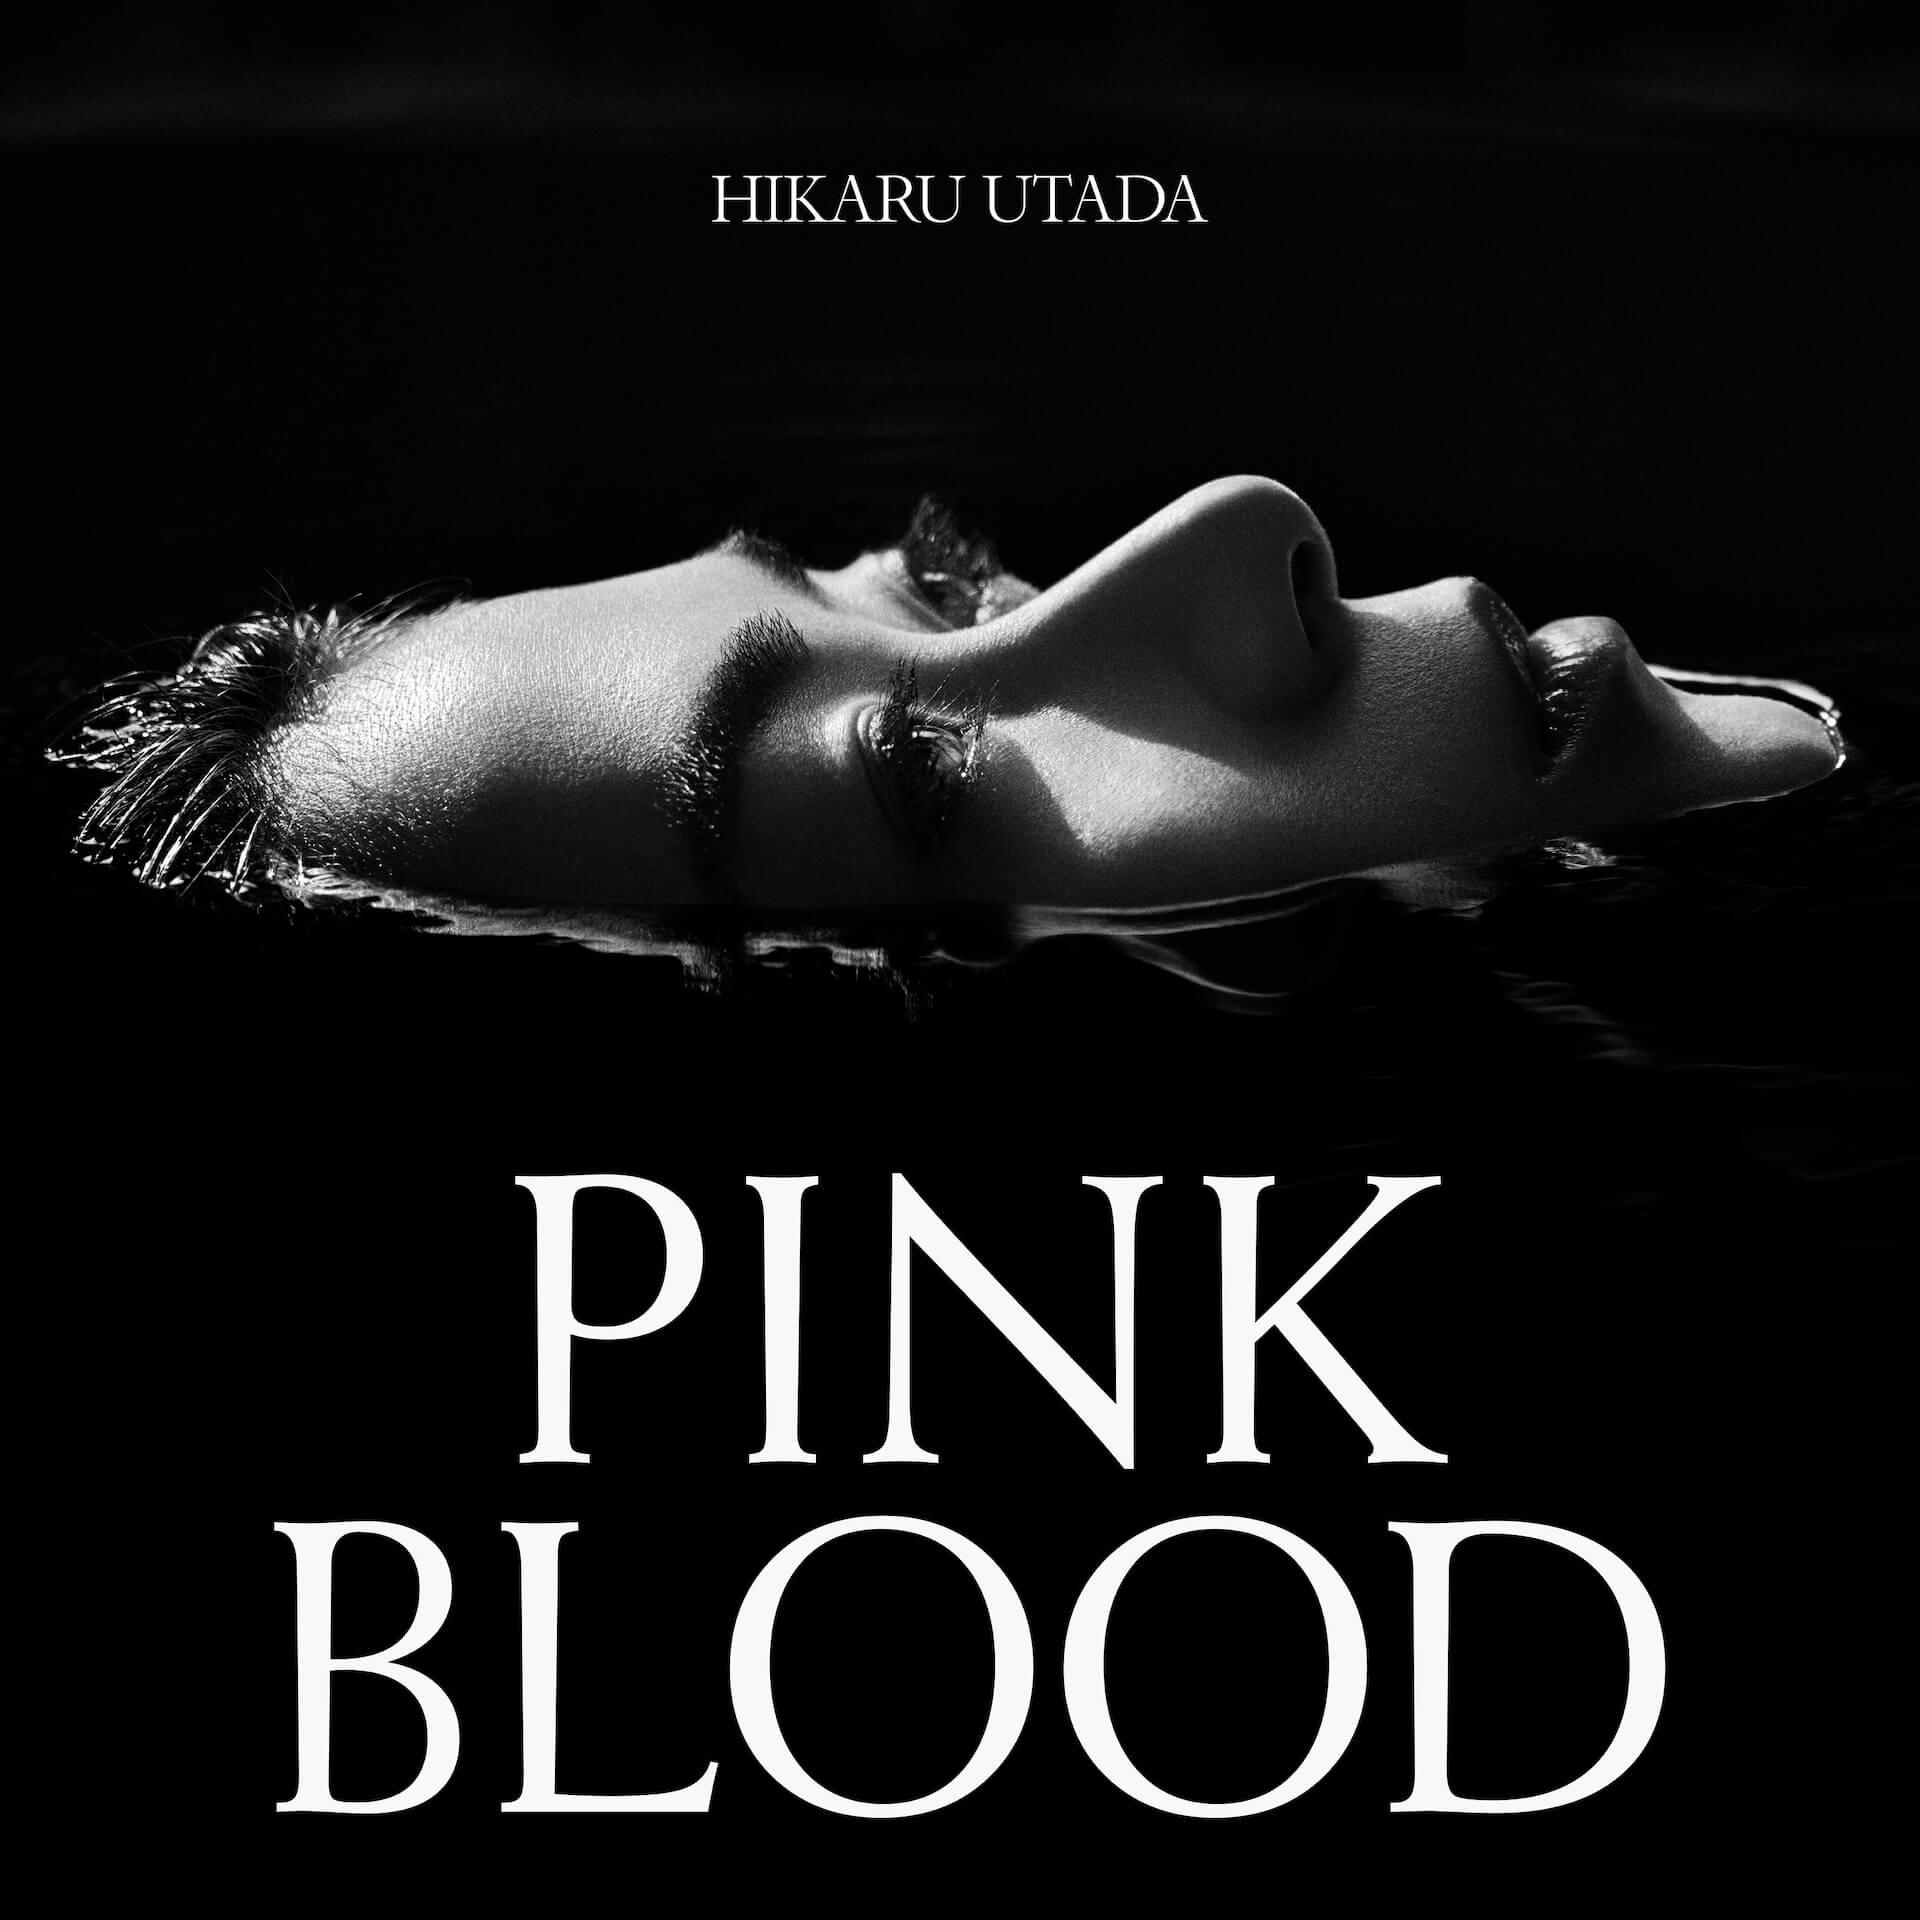 宇多田ヒカルのMVの世界観が銀座に出現!<「PINK BLOOD」EXHIBITION>イベントレポート column210604_hikaru-utada-pinkblood-021